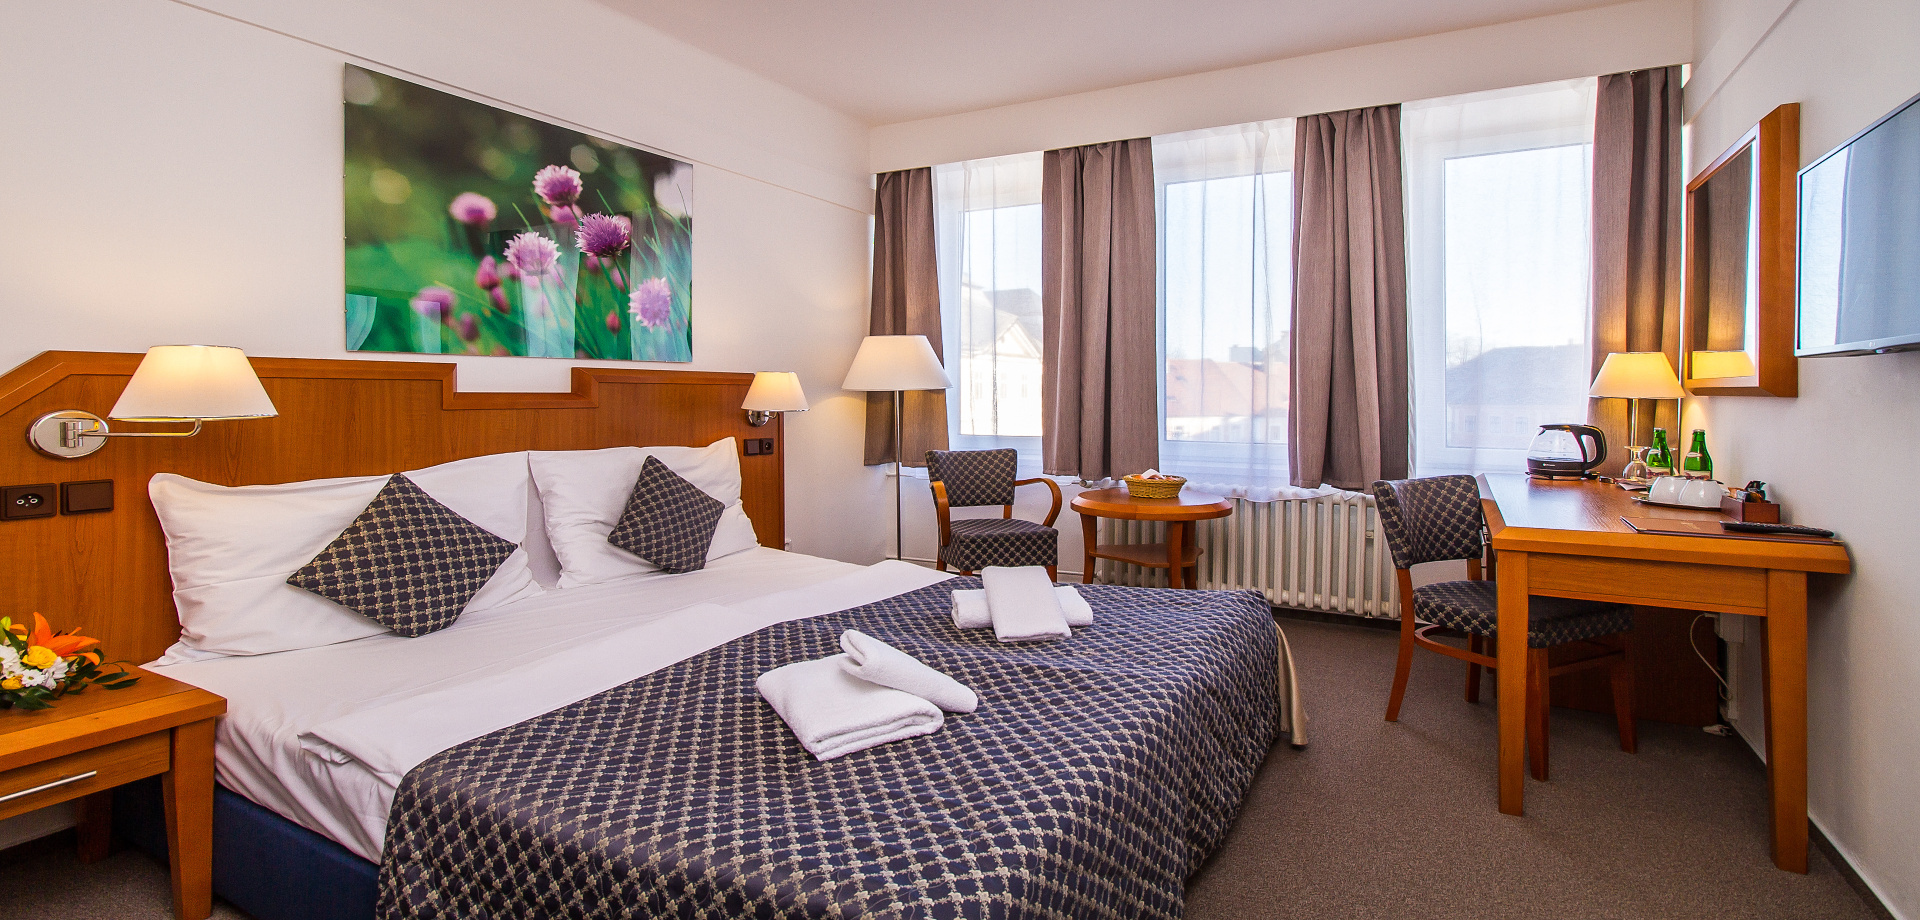 Hotel Mědínek (6)